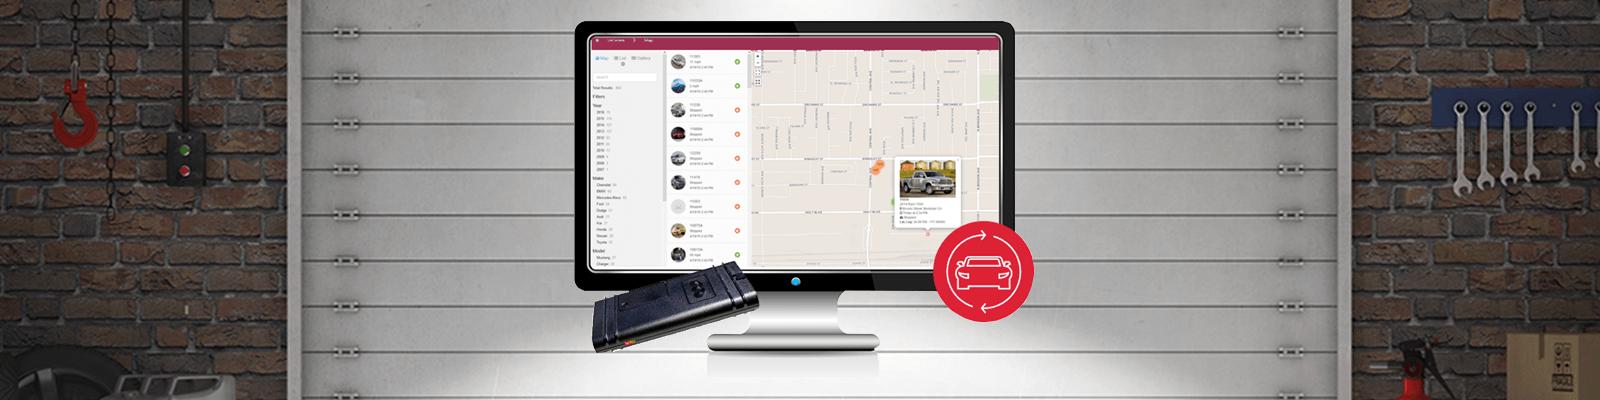 Plug-in GPS Technology by ZAZ GPS